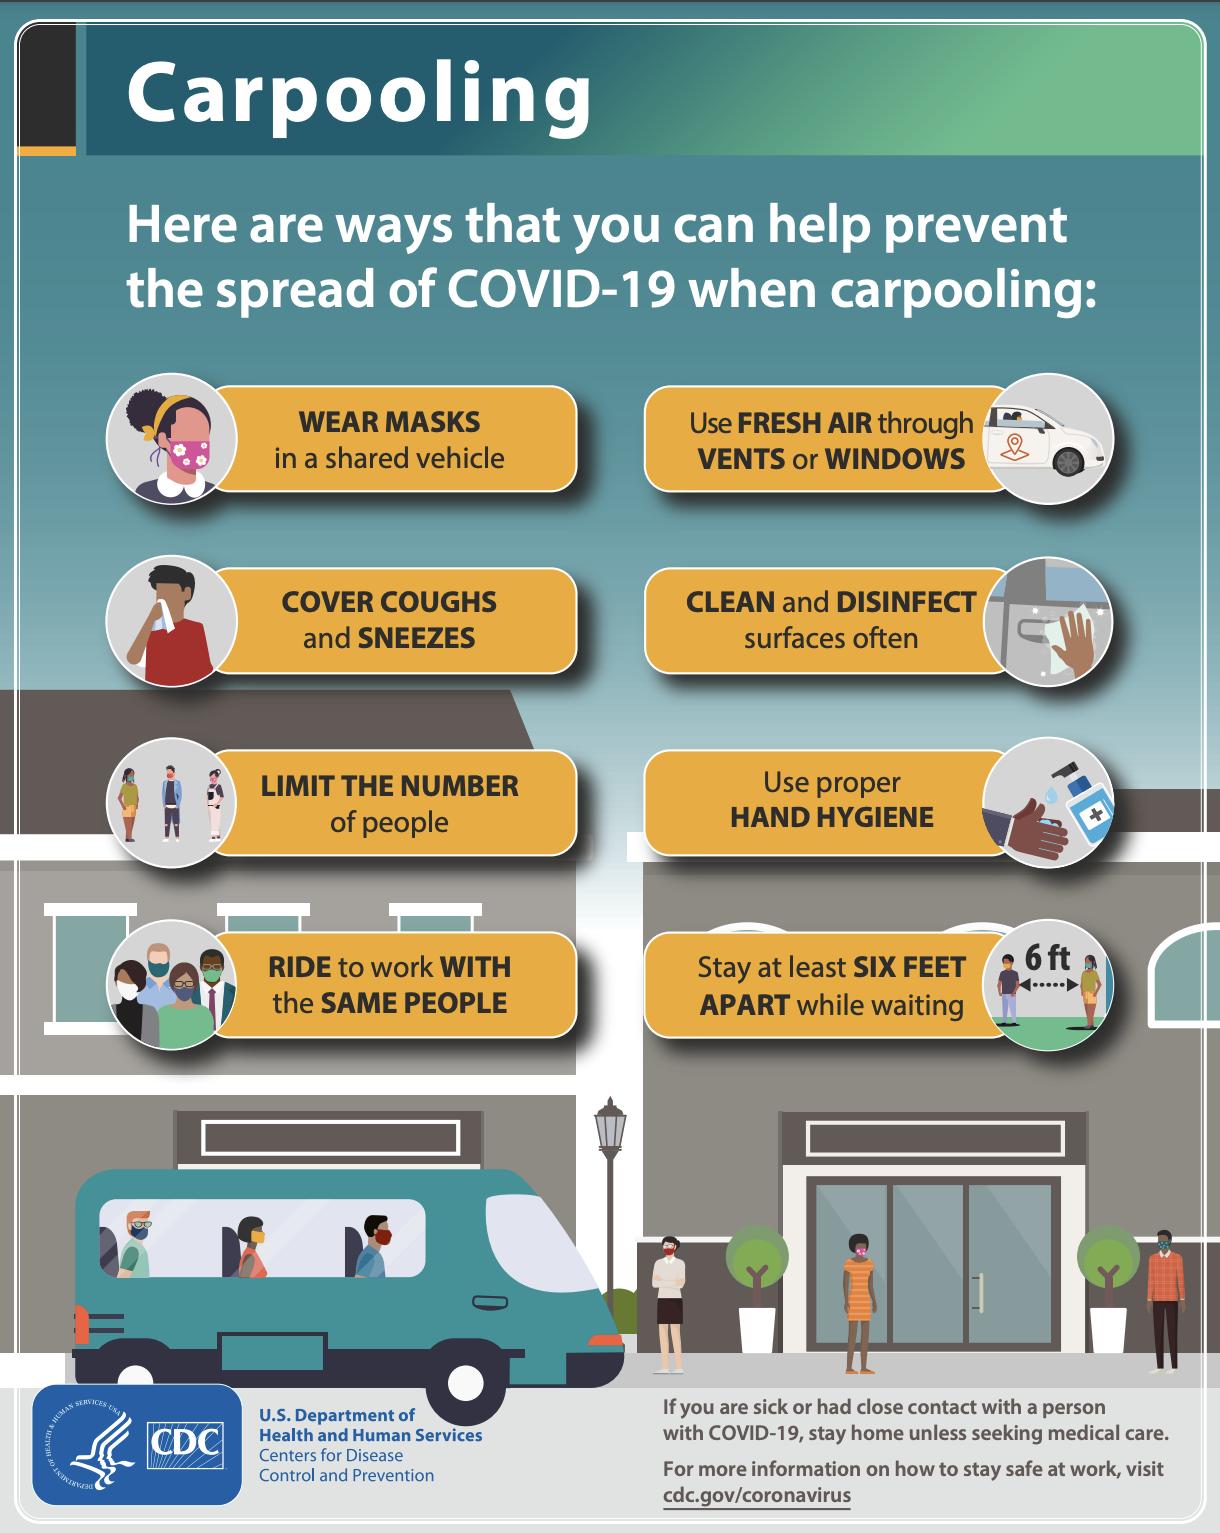 CDC carpool tips